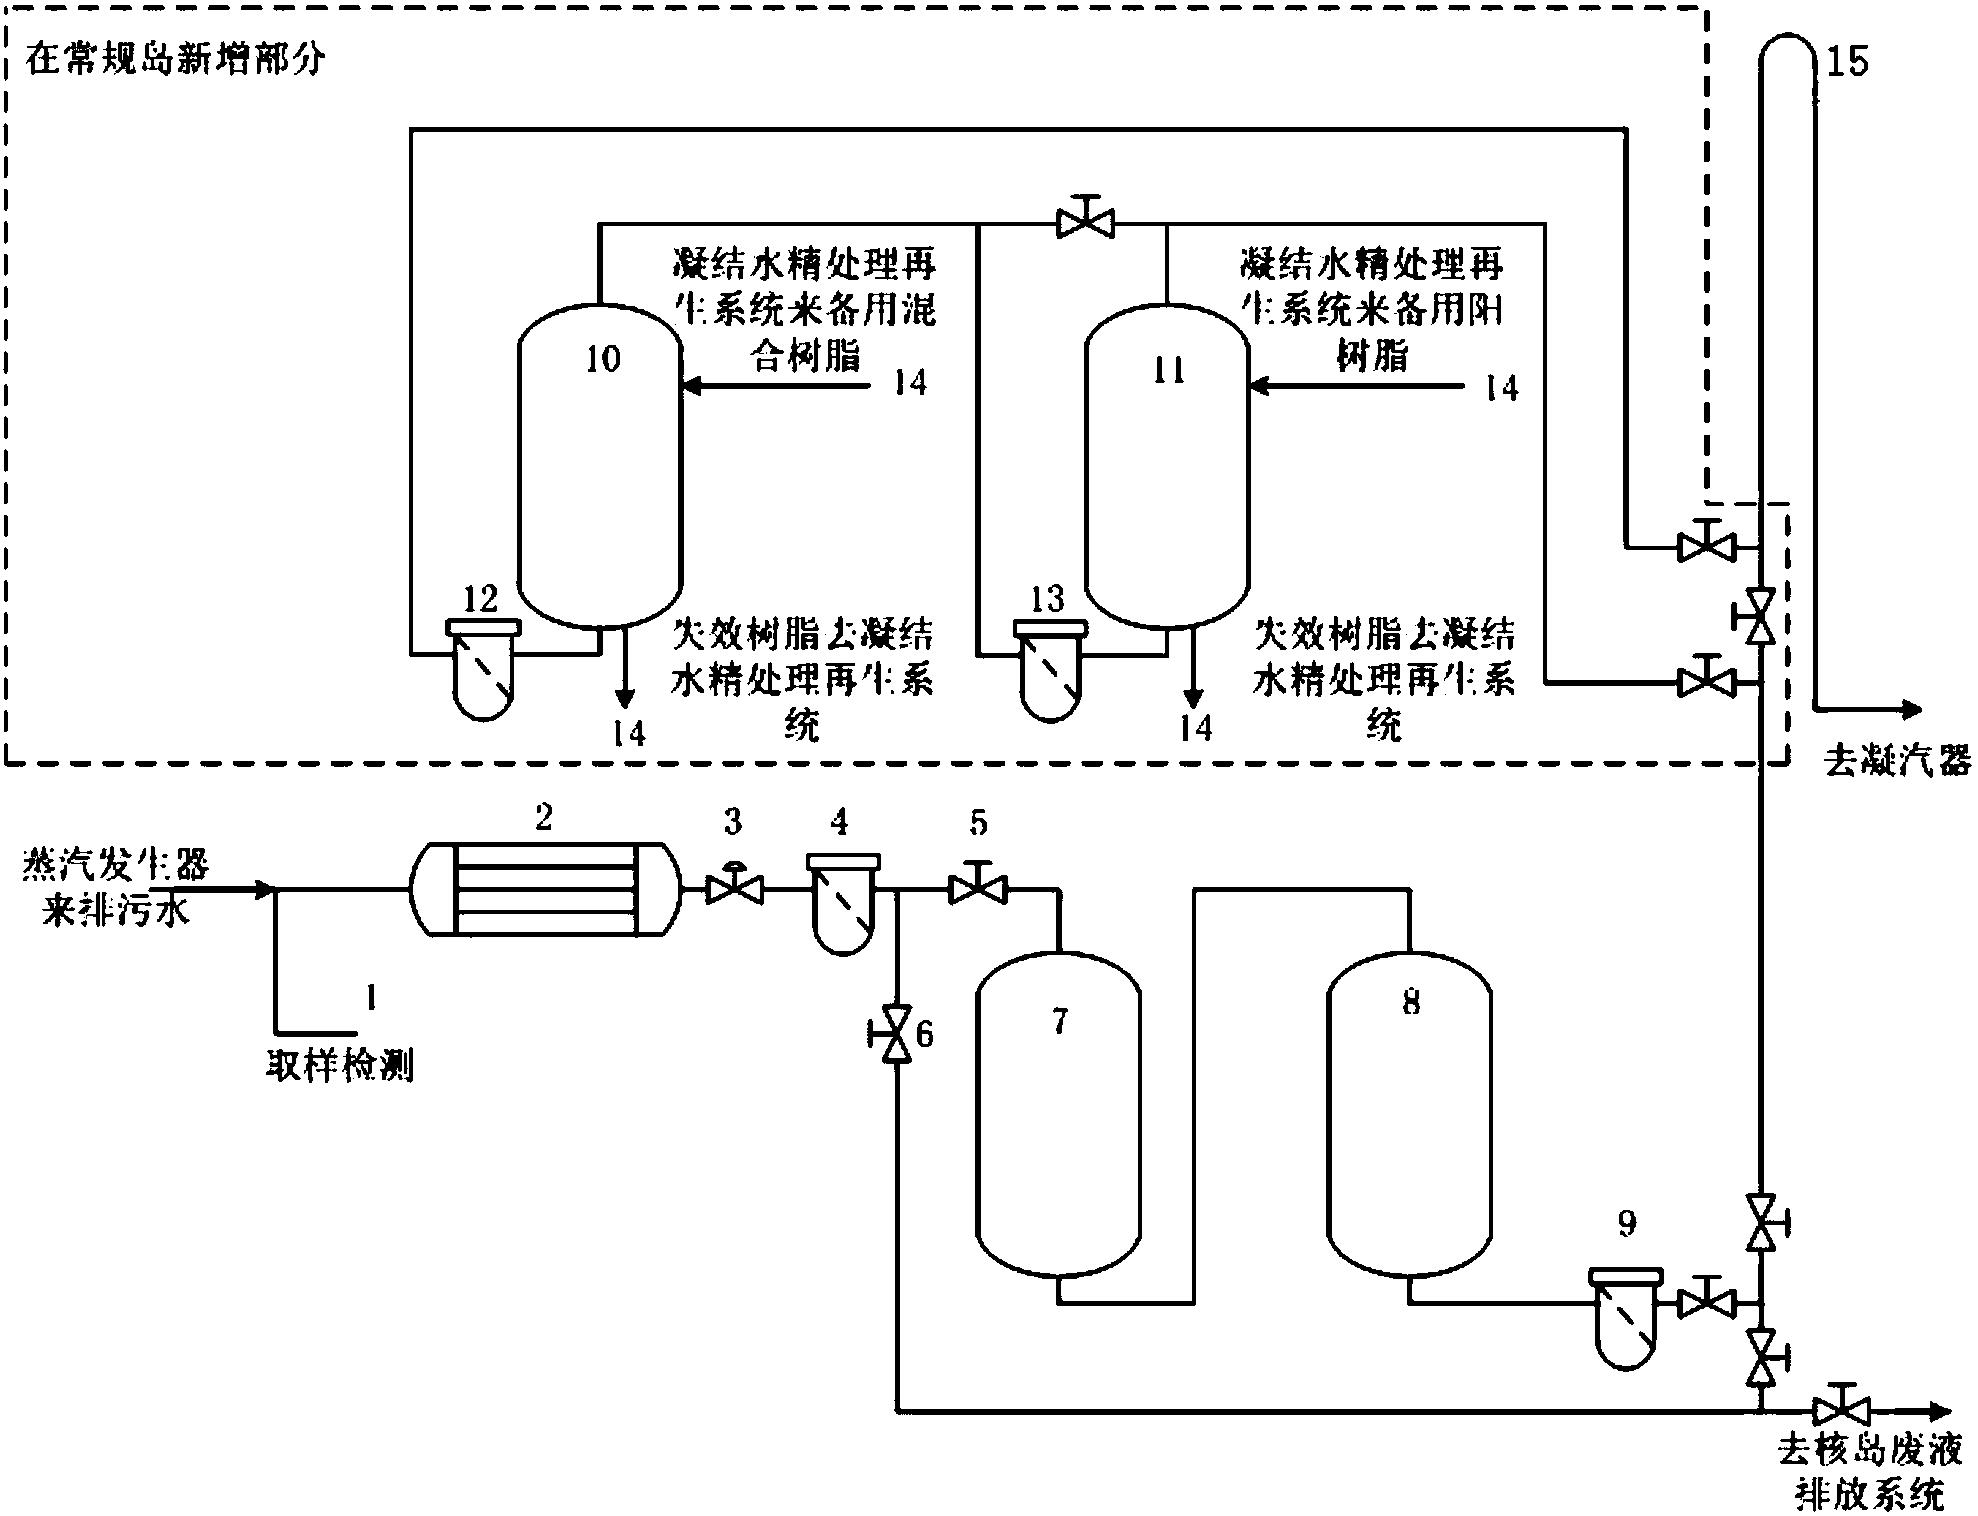 田湾核电站7、8号机组及徐大堡核电厂3、4号机组 蒸汽发生器排污水过滤器设备采购招标公告